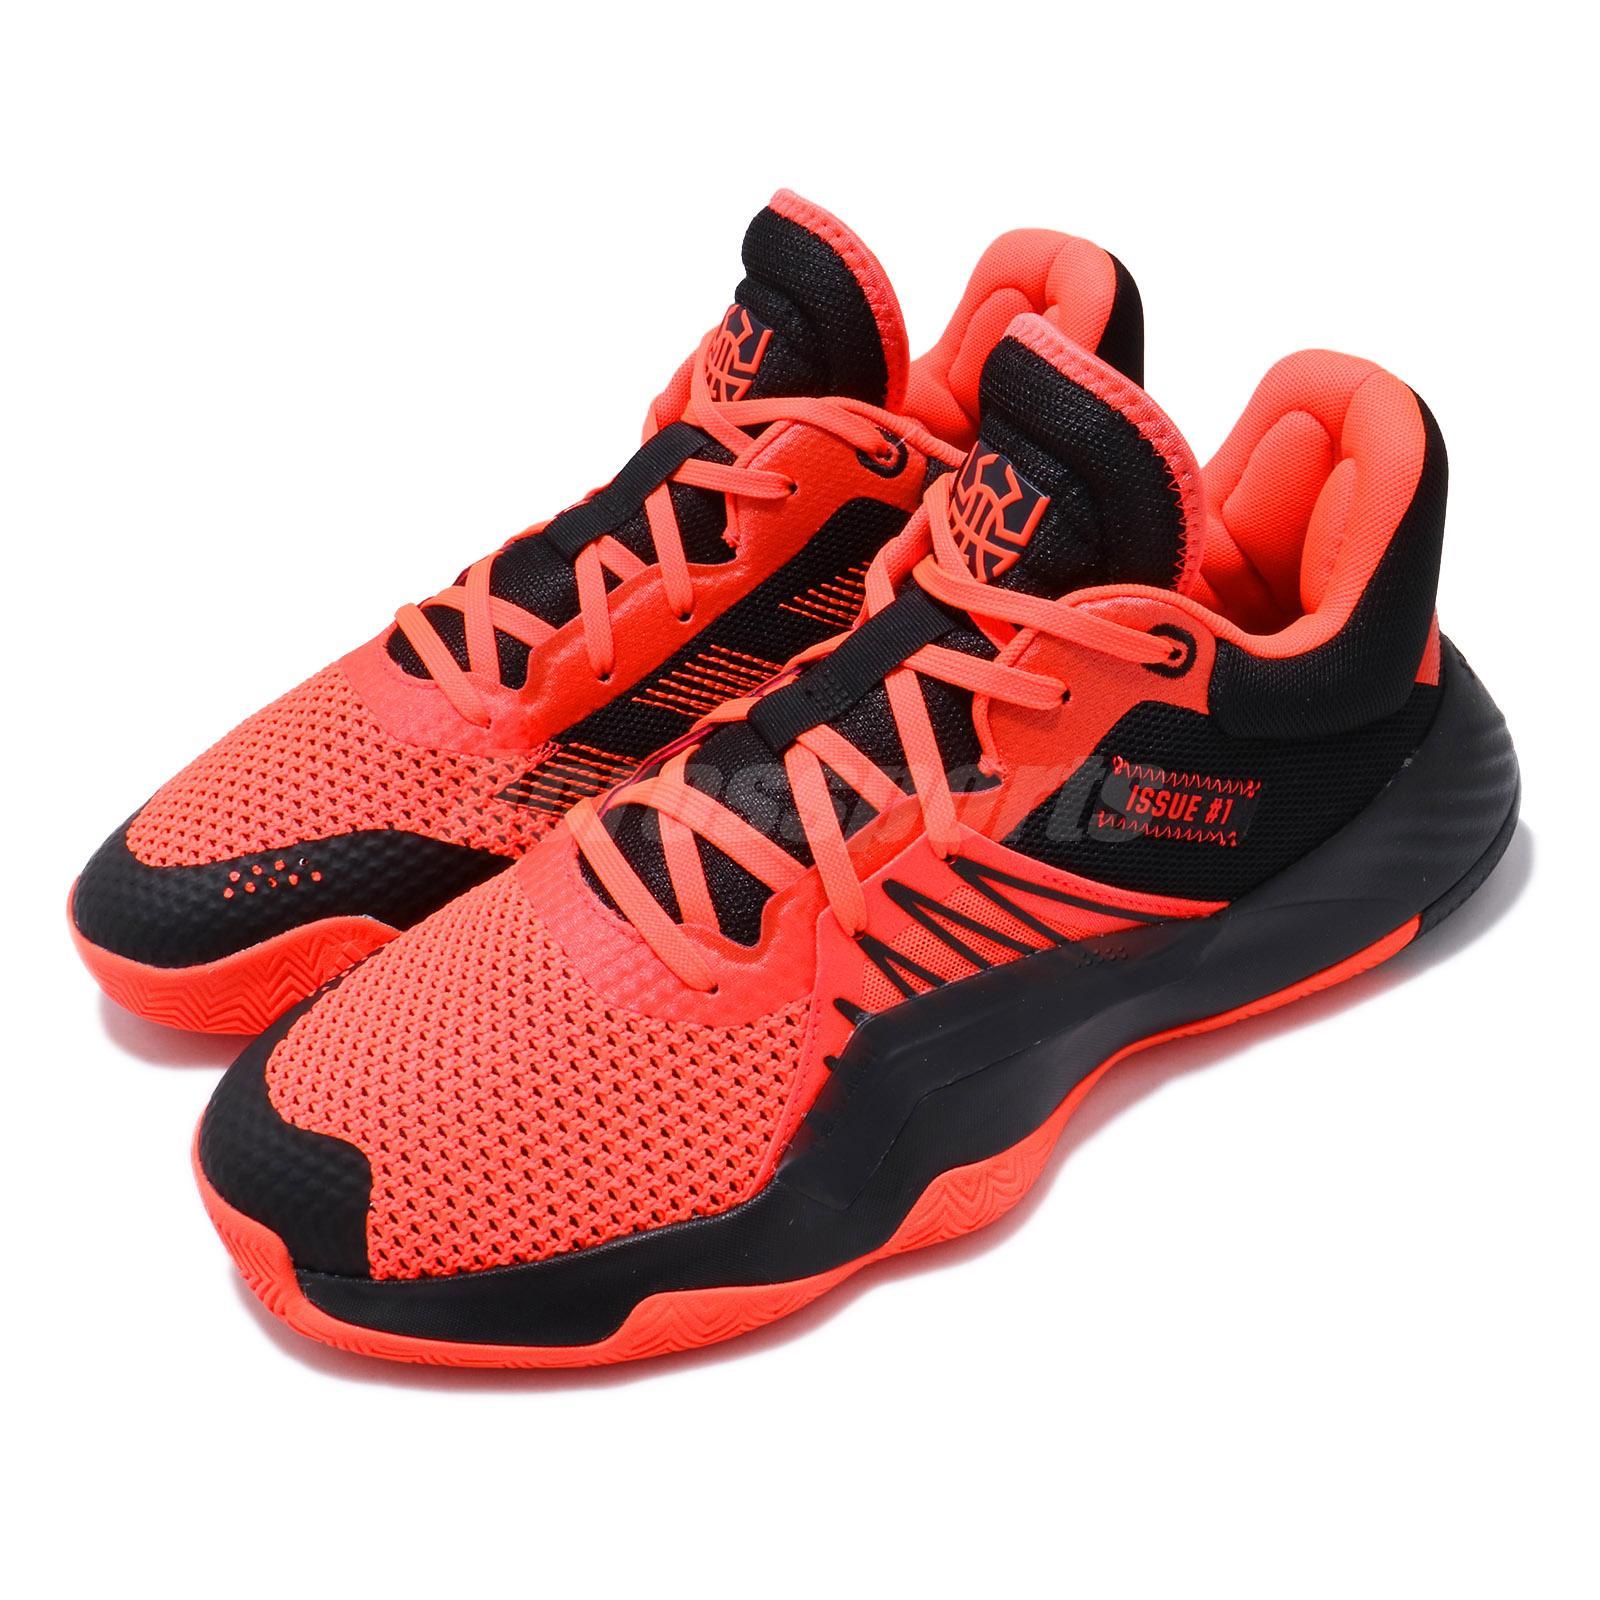 adidas D.O.N. Issue 1 GCA Orange Black